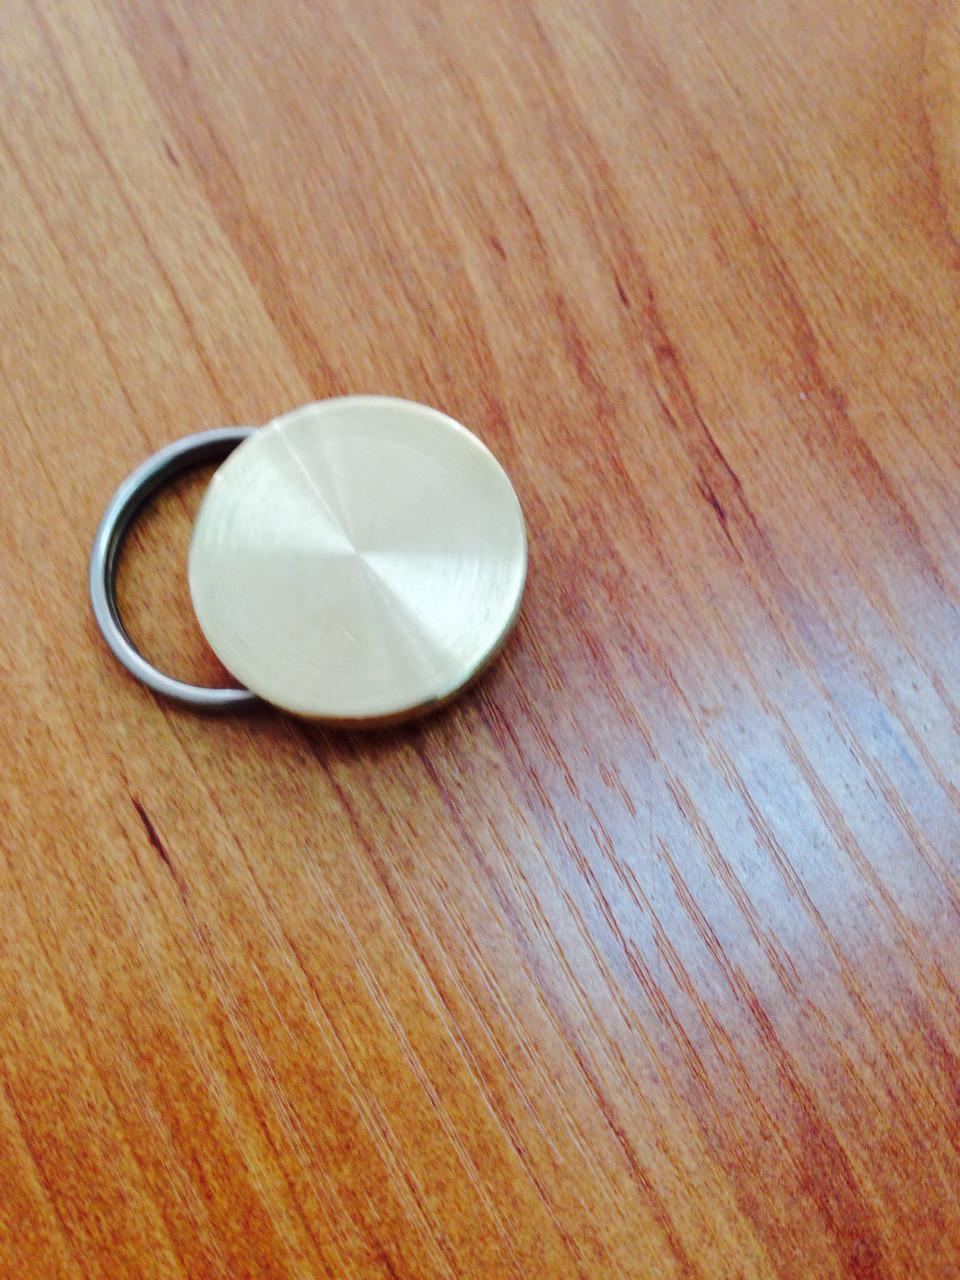 Металлическая печать (пломбир под пластилин с кольцом)